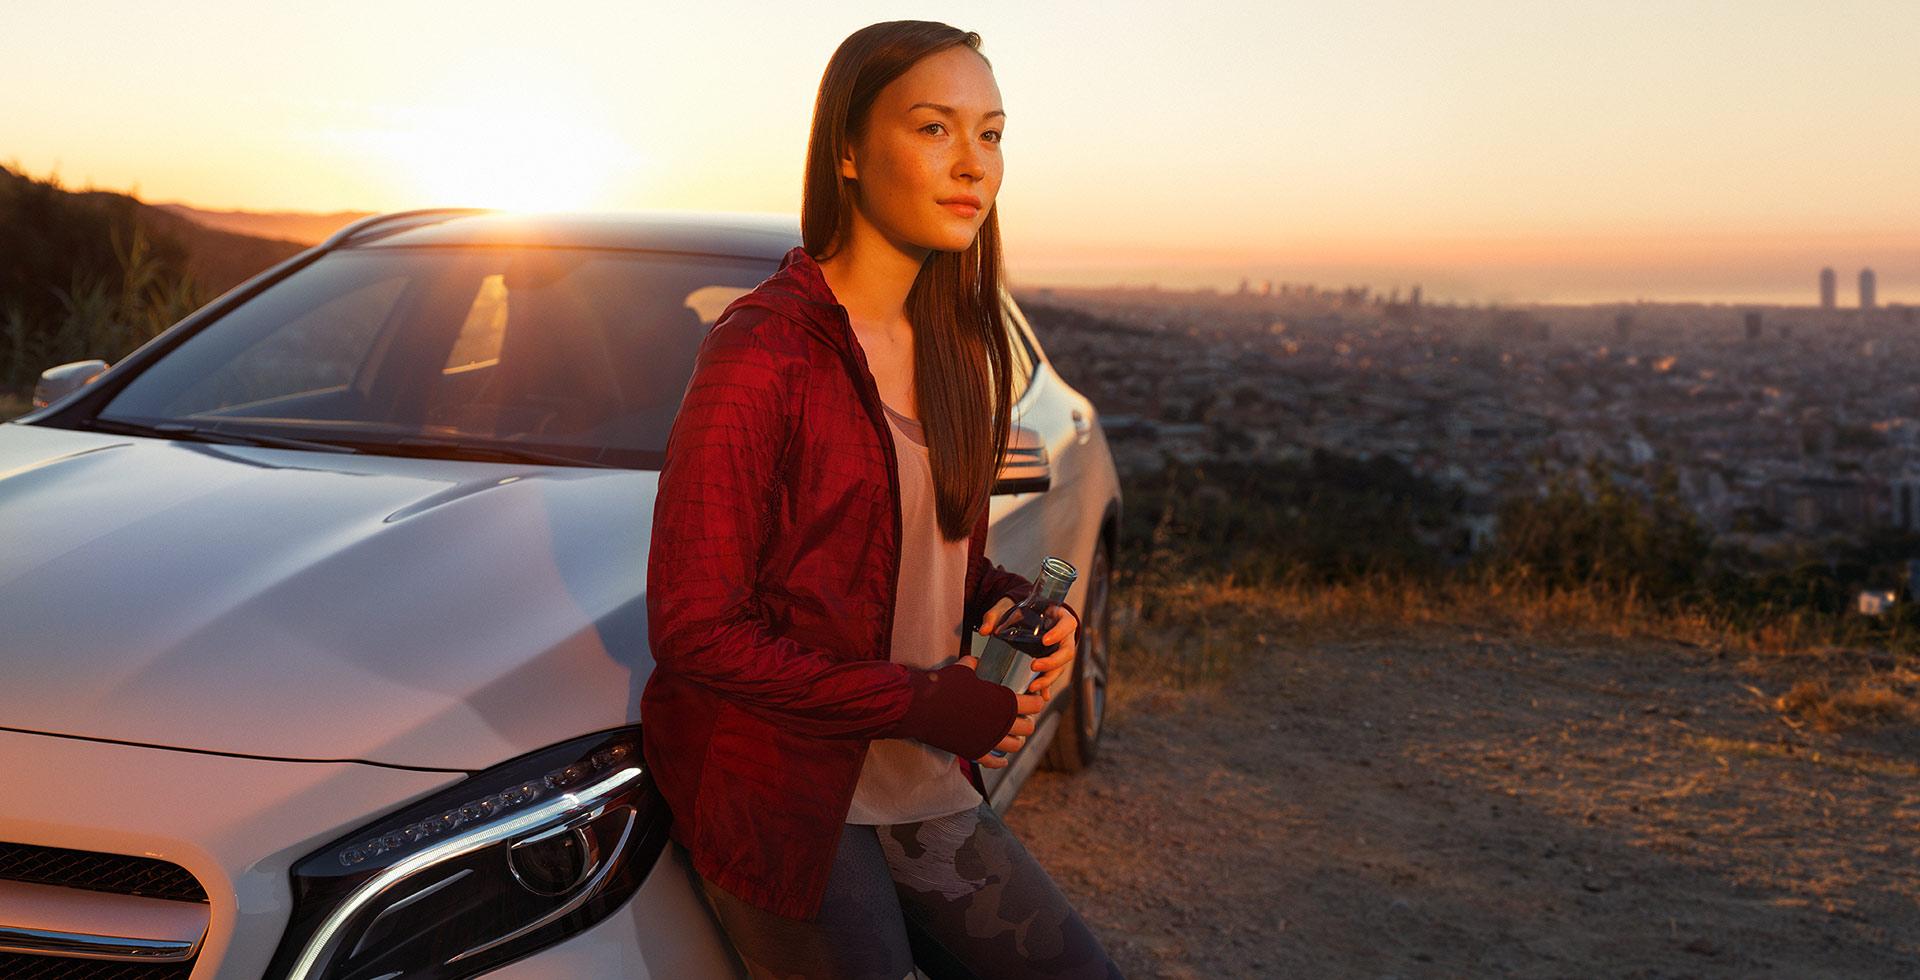 Foto aus dem Bilderpool für Mercedes-Benz Global Service & Parts, auf dem eine Frau entspannt mit einer Flasche Wasser in der Hand an einem Mercedes lehnt.